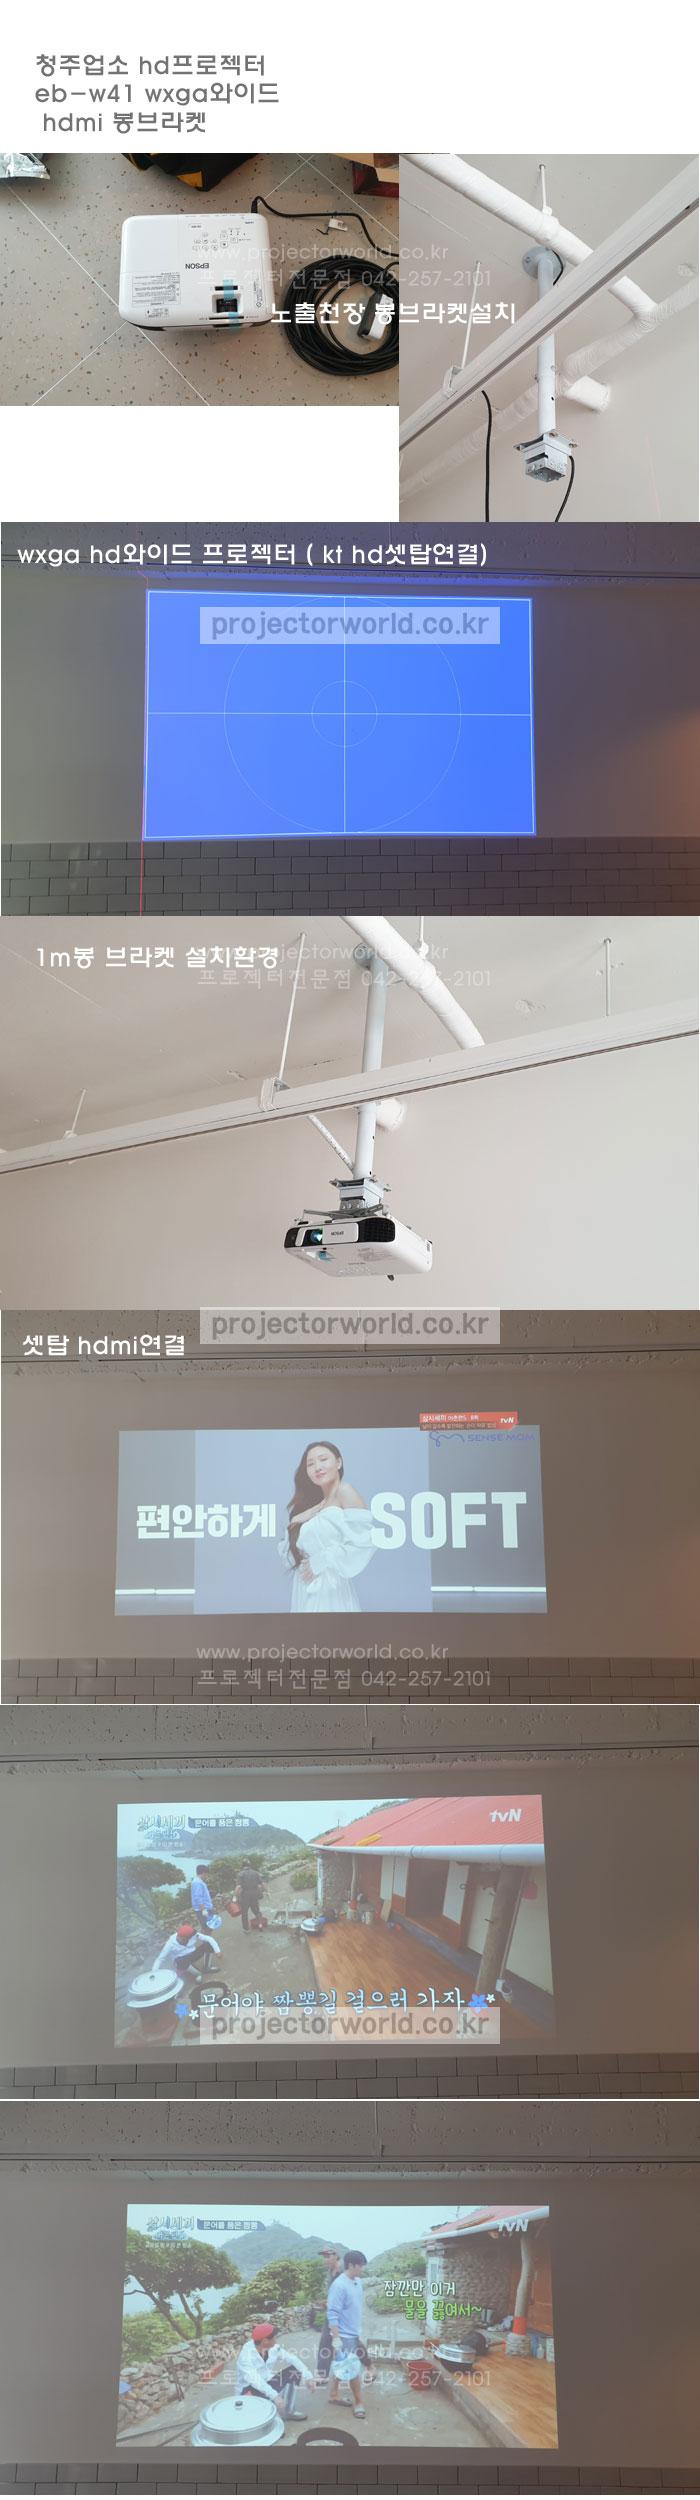 청주프로젝터설치점,프로젝터판매설치청주,대전봉브라켓프로젝터,